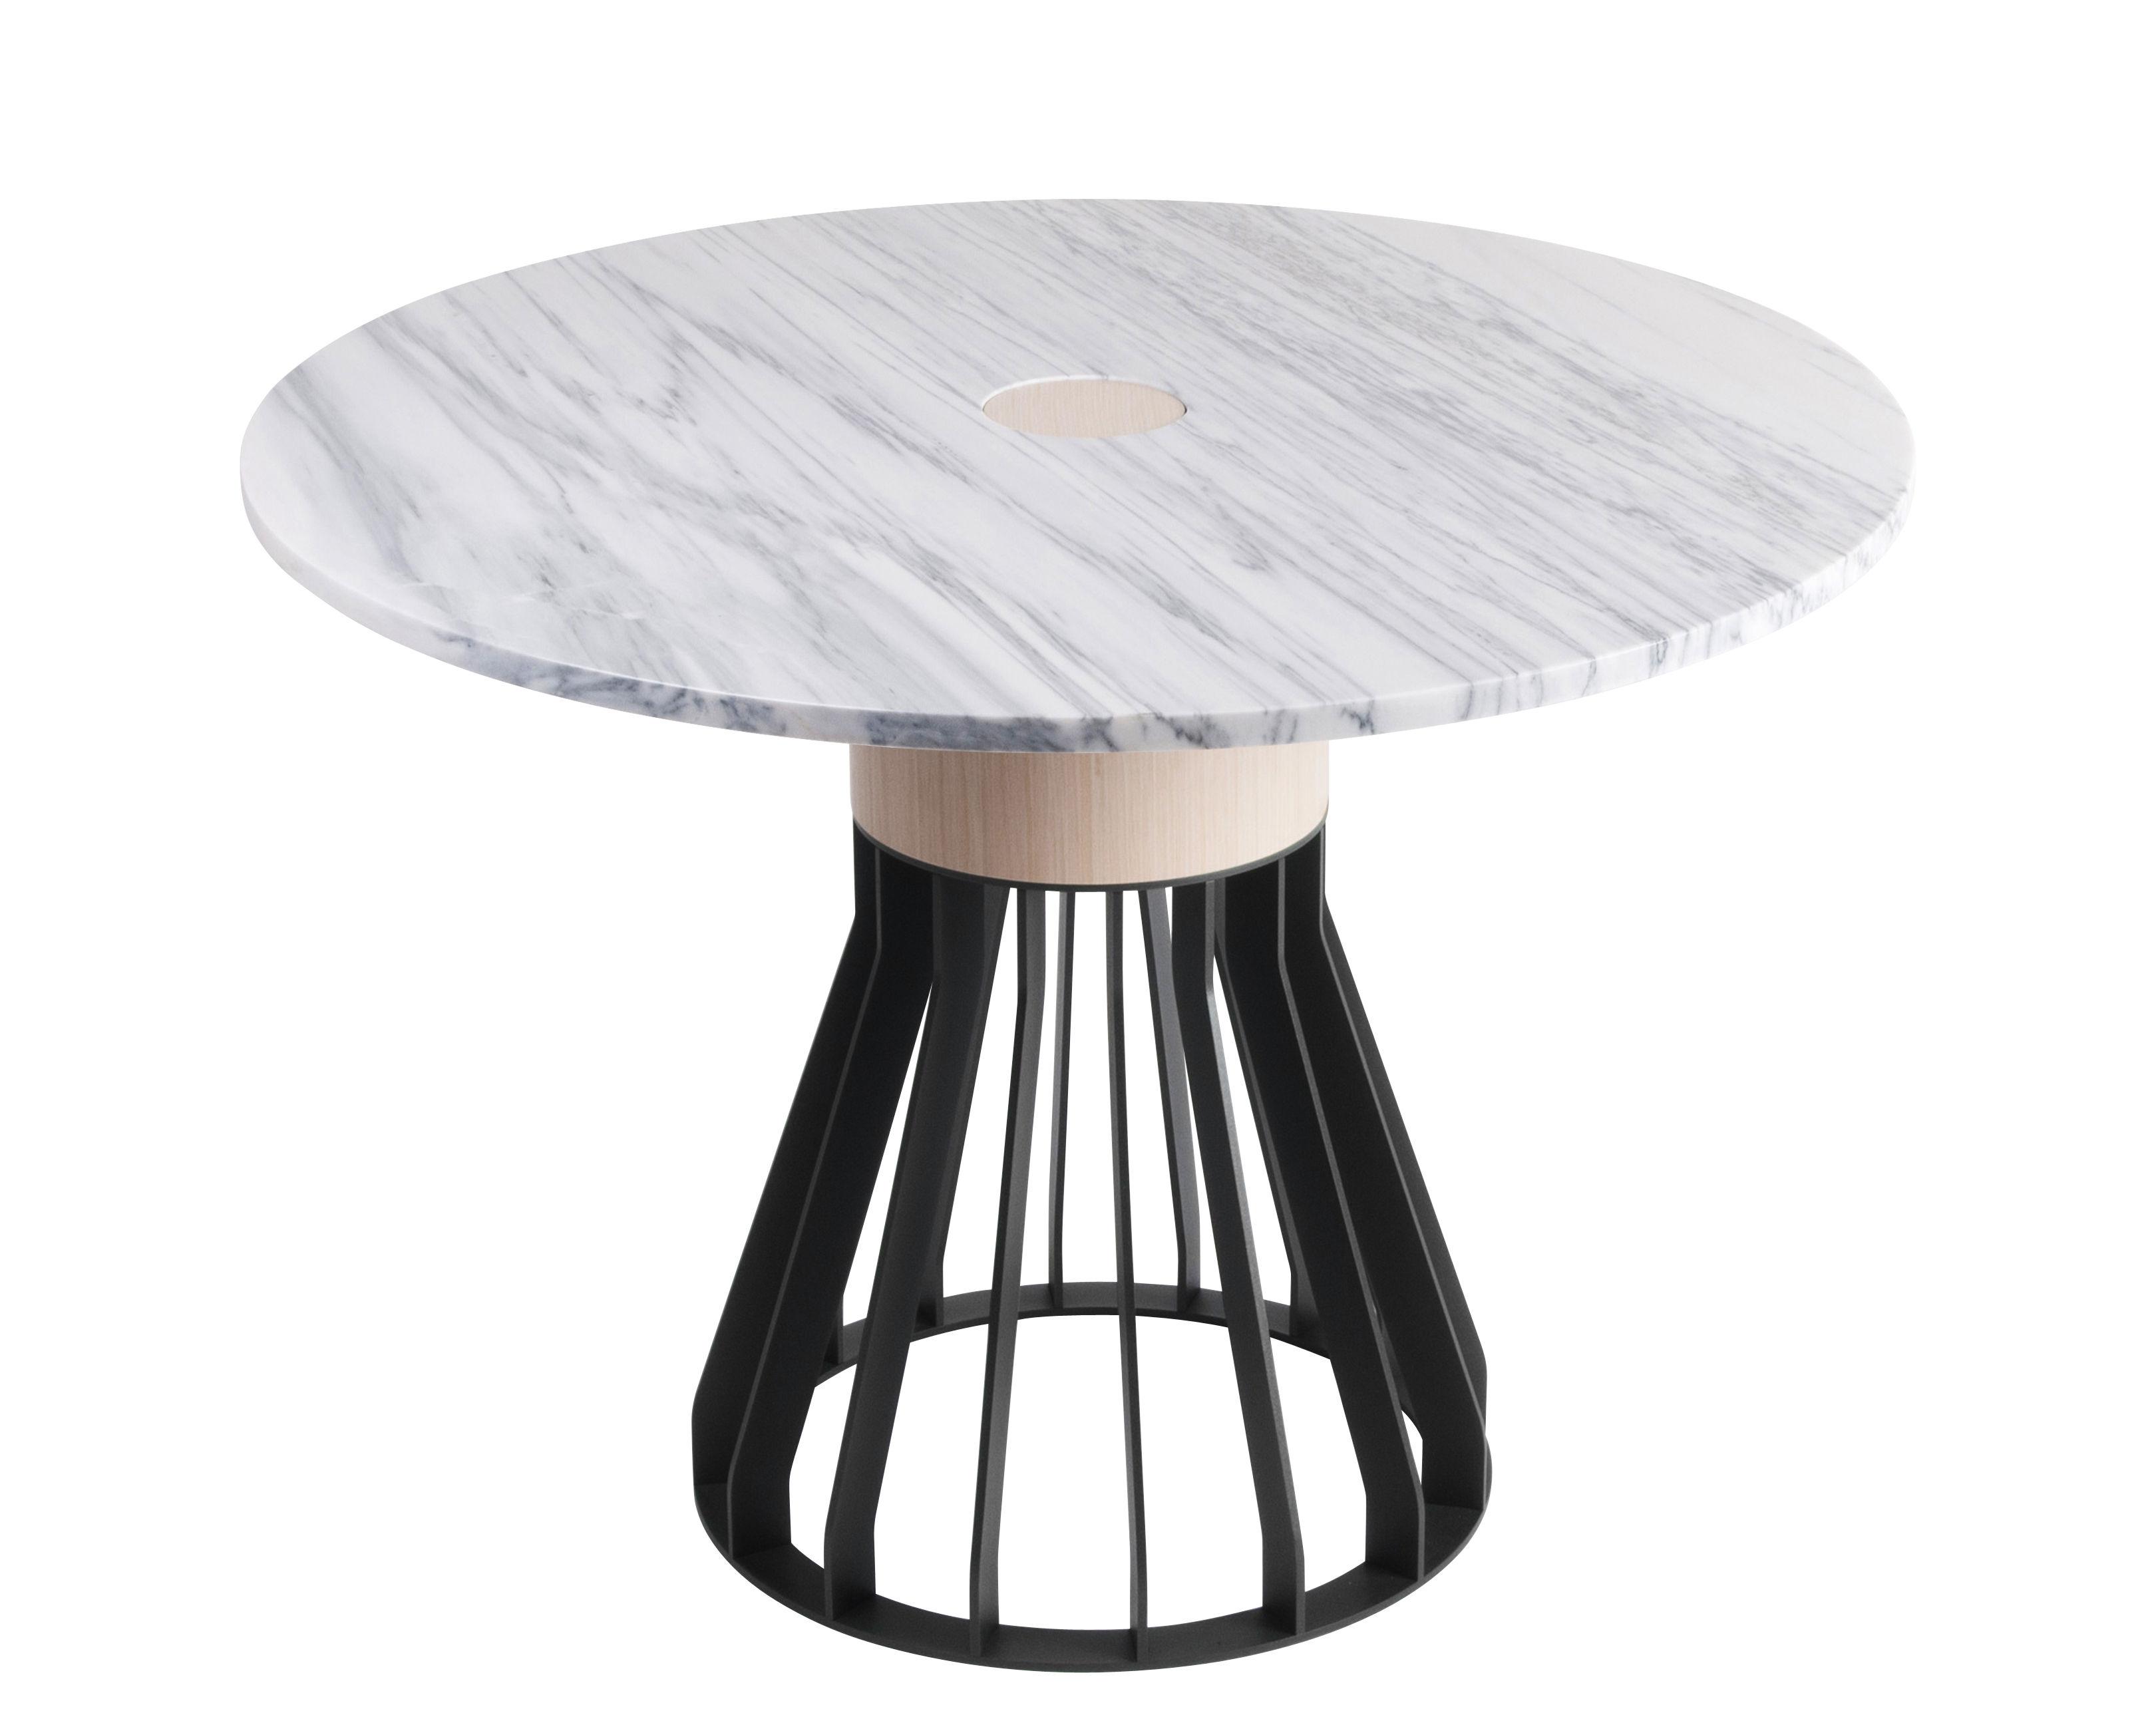 table mewoma 120 cm marbre ch ne m tal marbre blanc pied noir ch ne la chance. Black Bedroom Furniture Sets. Home Design Ideas